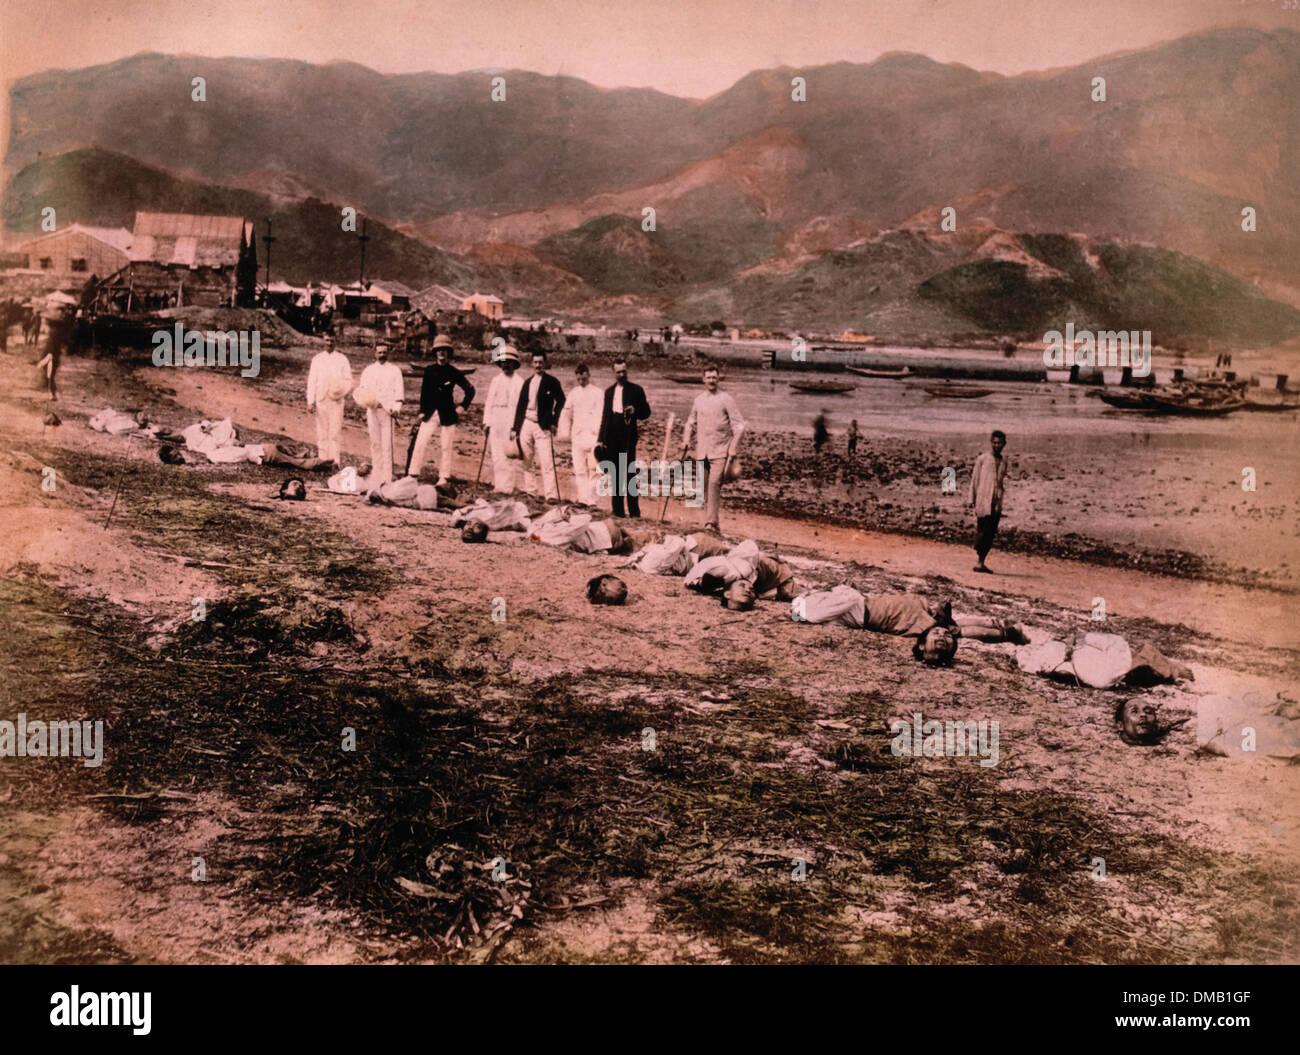 Esecuzione di Namoa pirati, Kowloon City, Cina, 11 maggio 1891 Immagini Stock